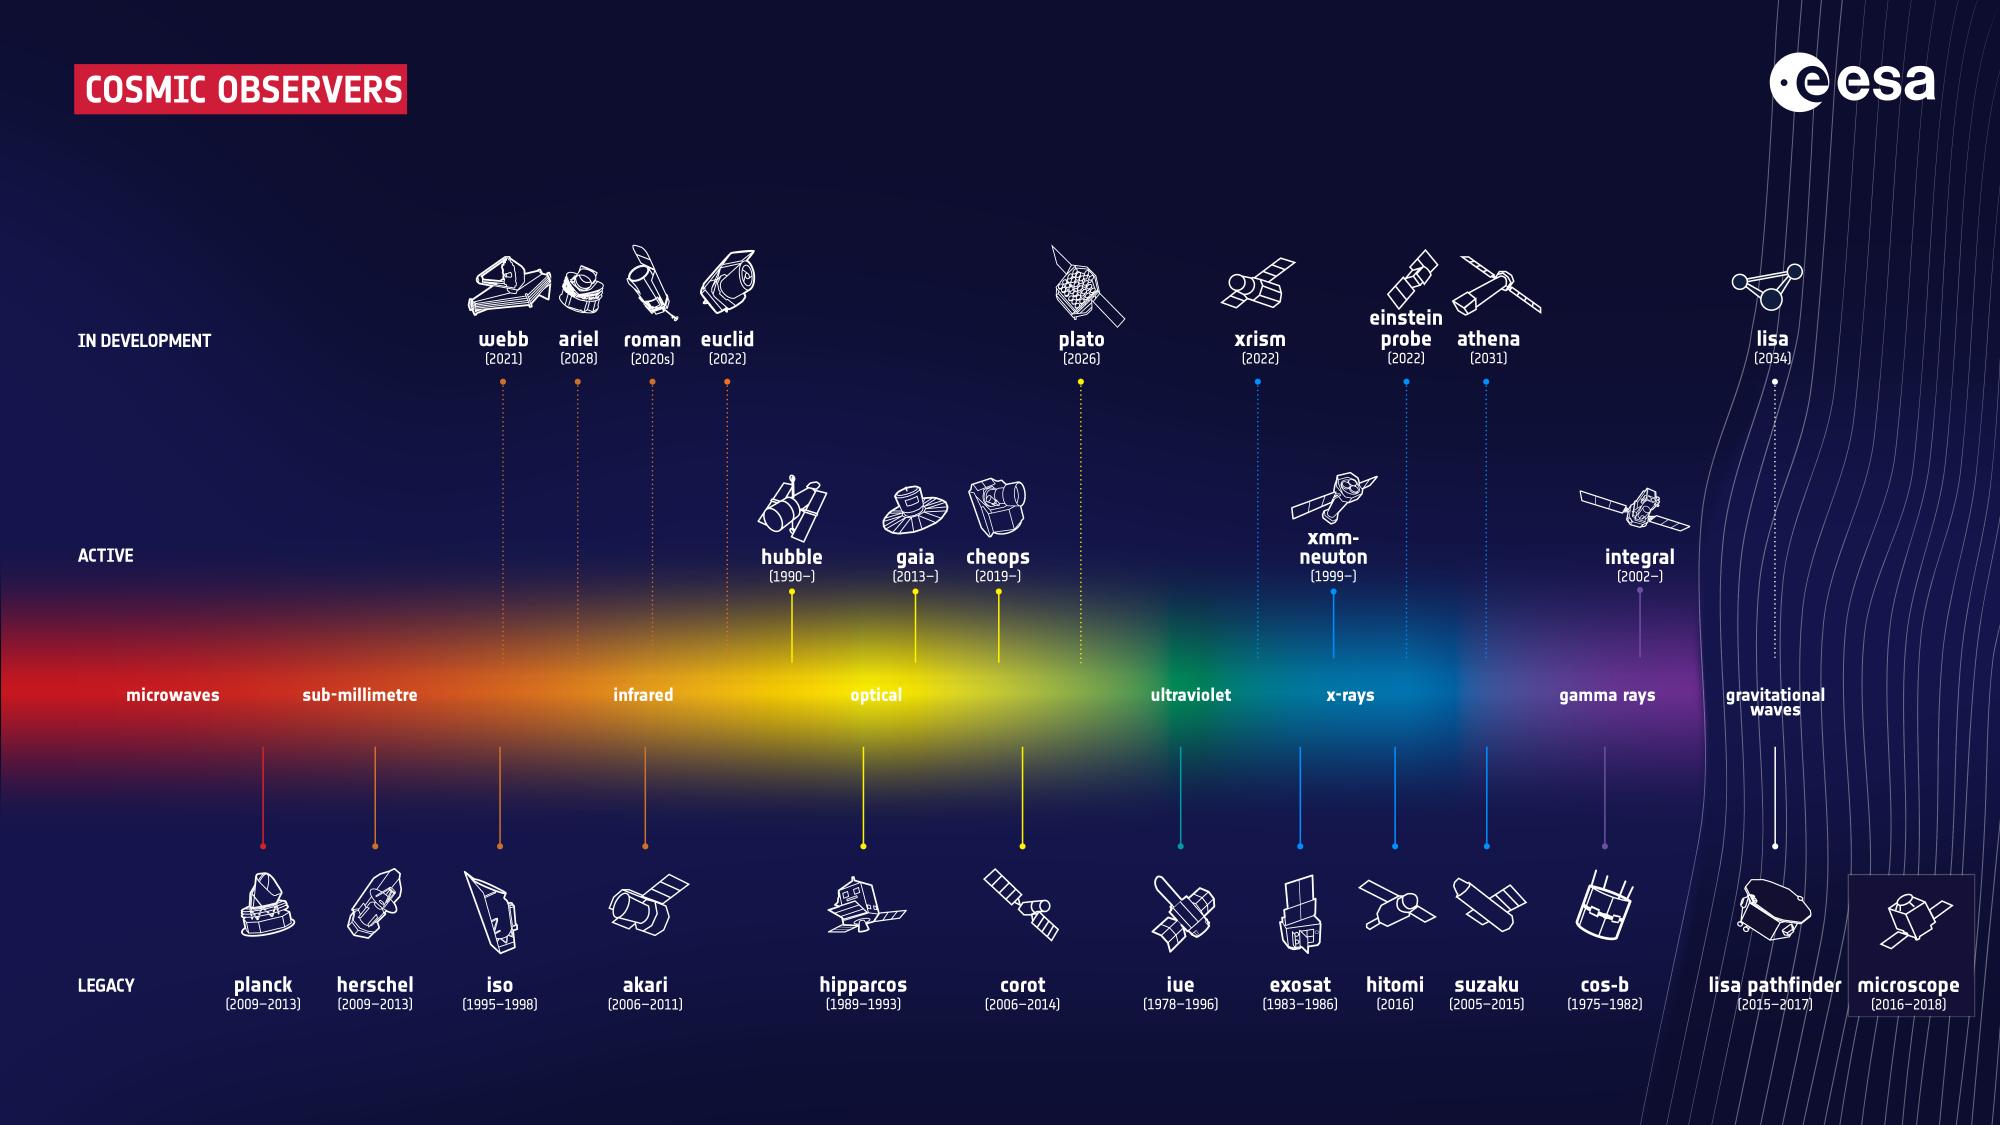 ESA_fleet_of_cosmic_observers_2021_2k.png